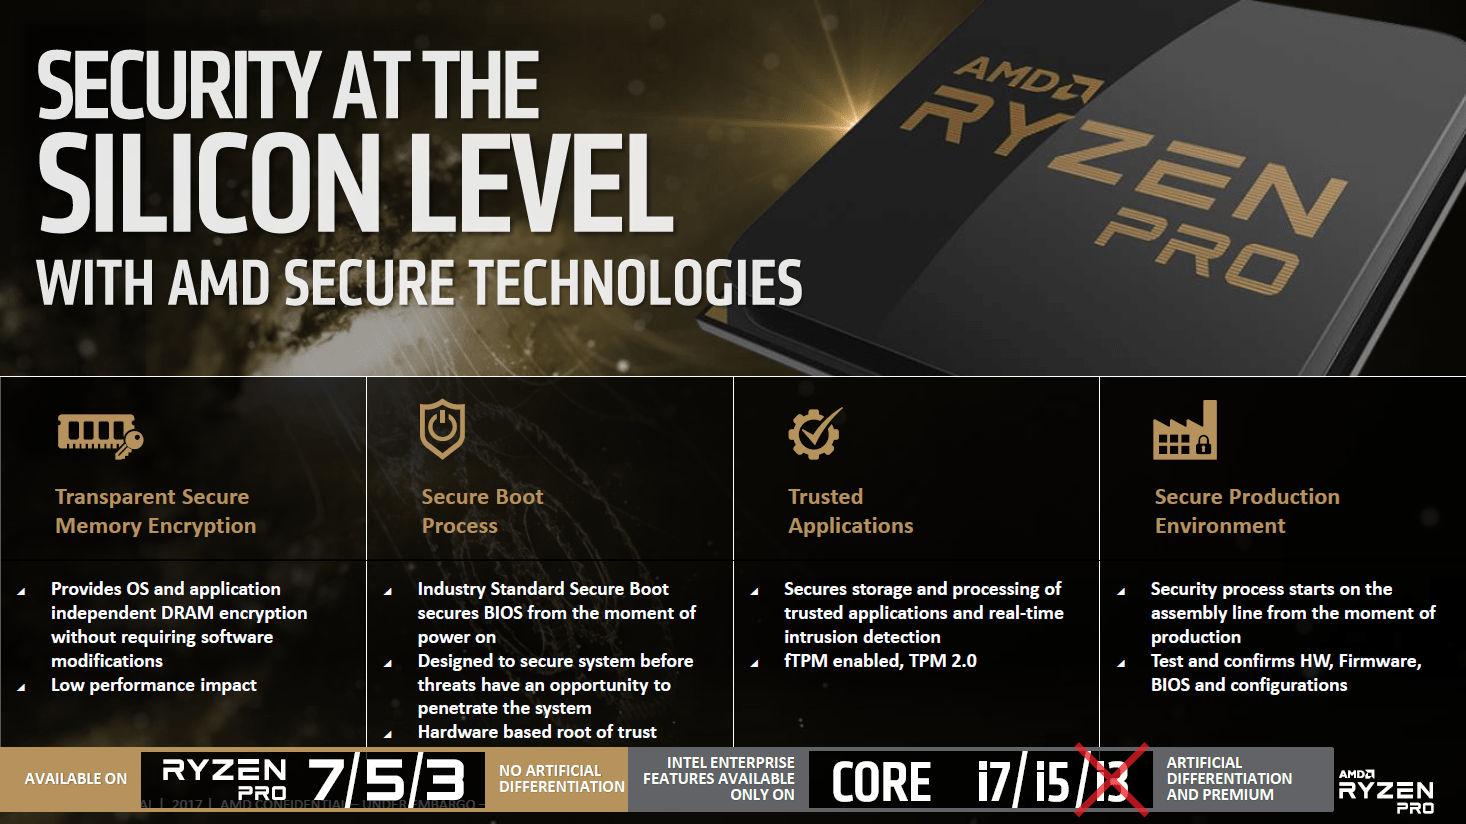 amd-ryzen-pro-enterprise-processor-launch_8